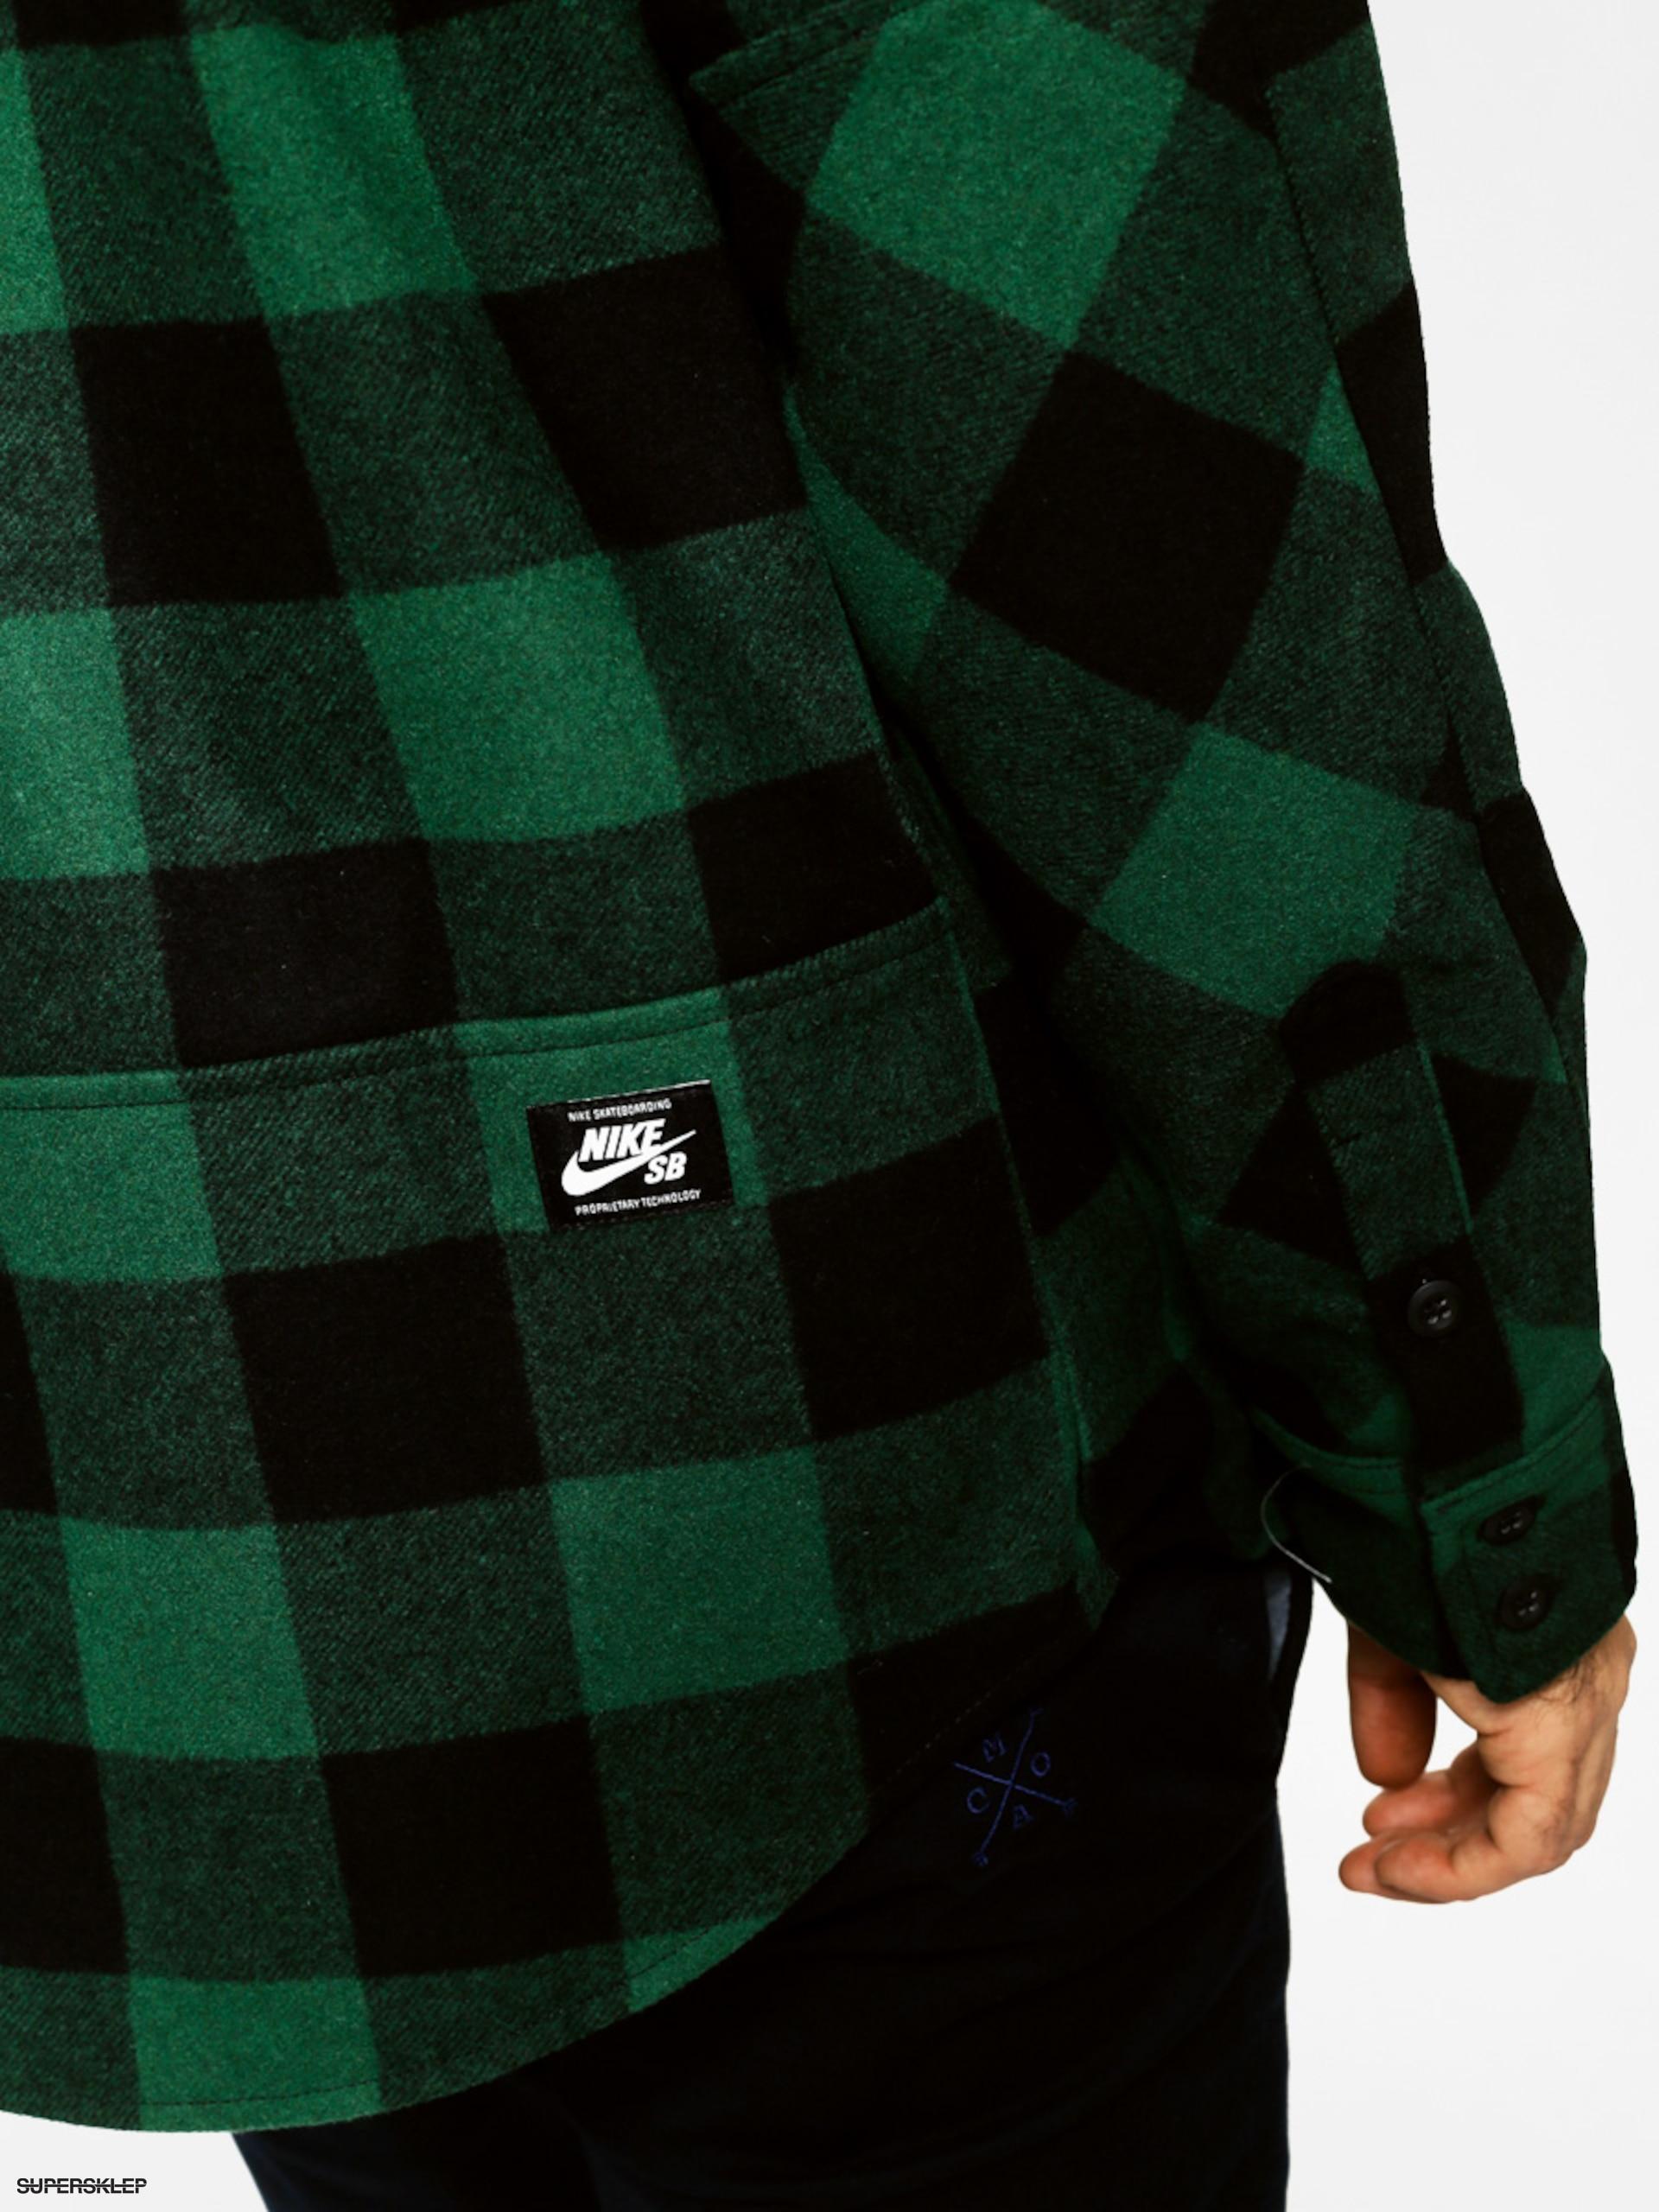 gorąca sprzedaż online buty sportowe najlepiej sprzedający się Koszula Nike Holgate Wool LS (green)